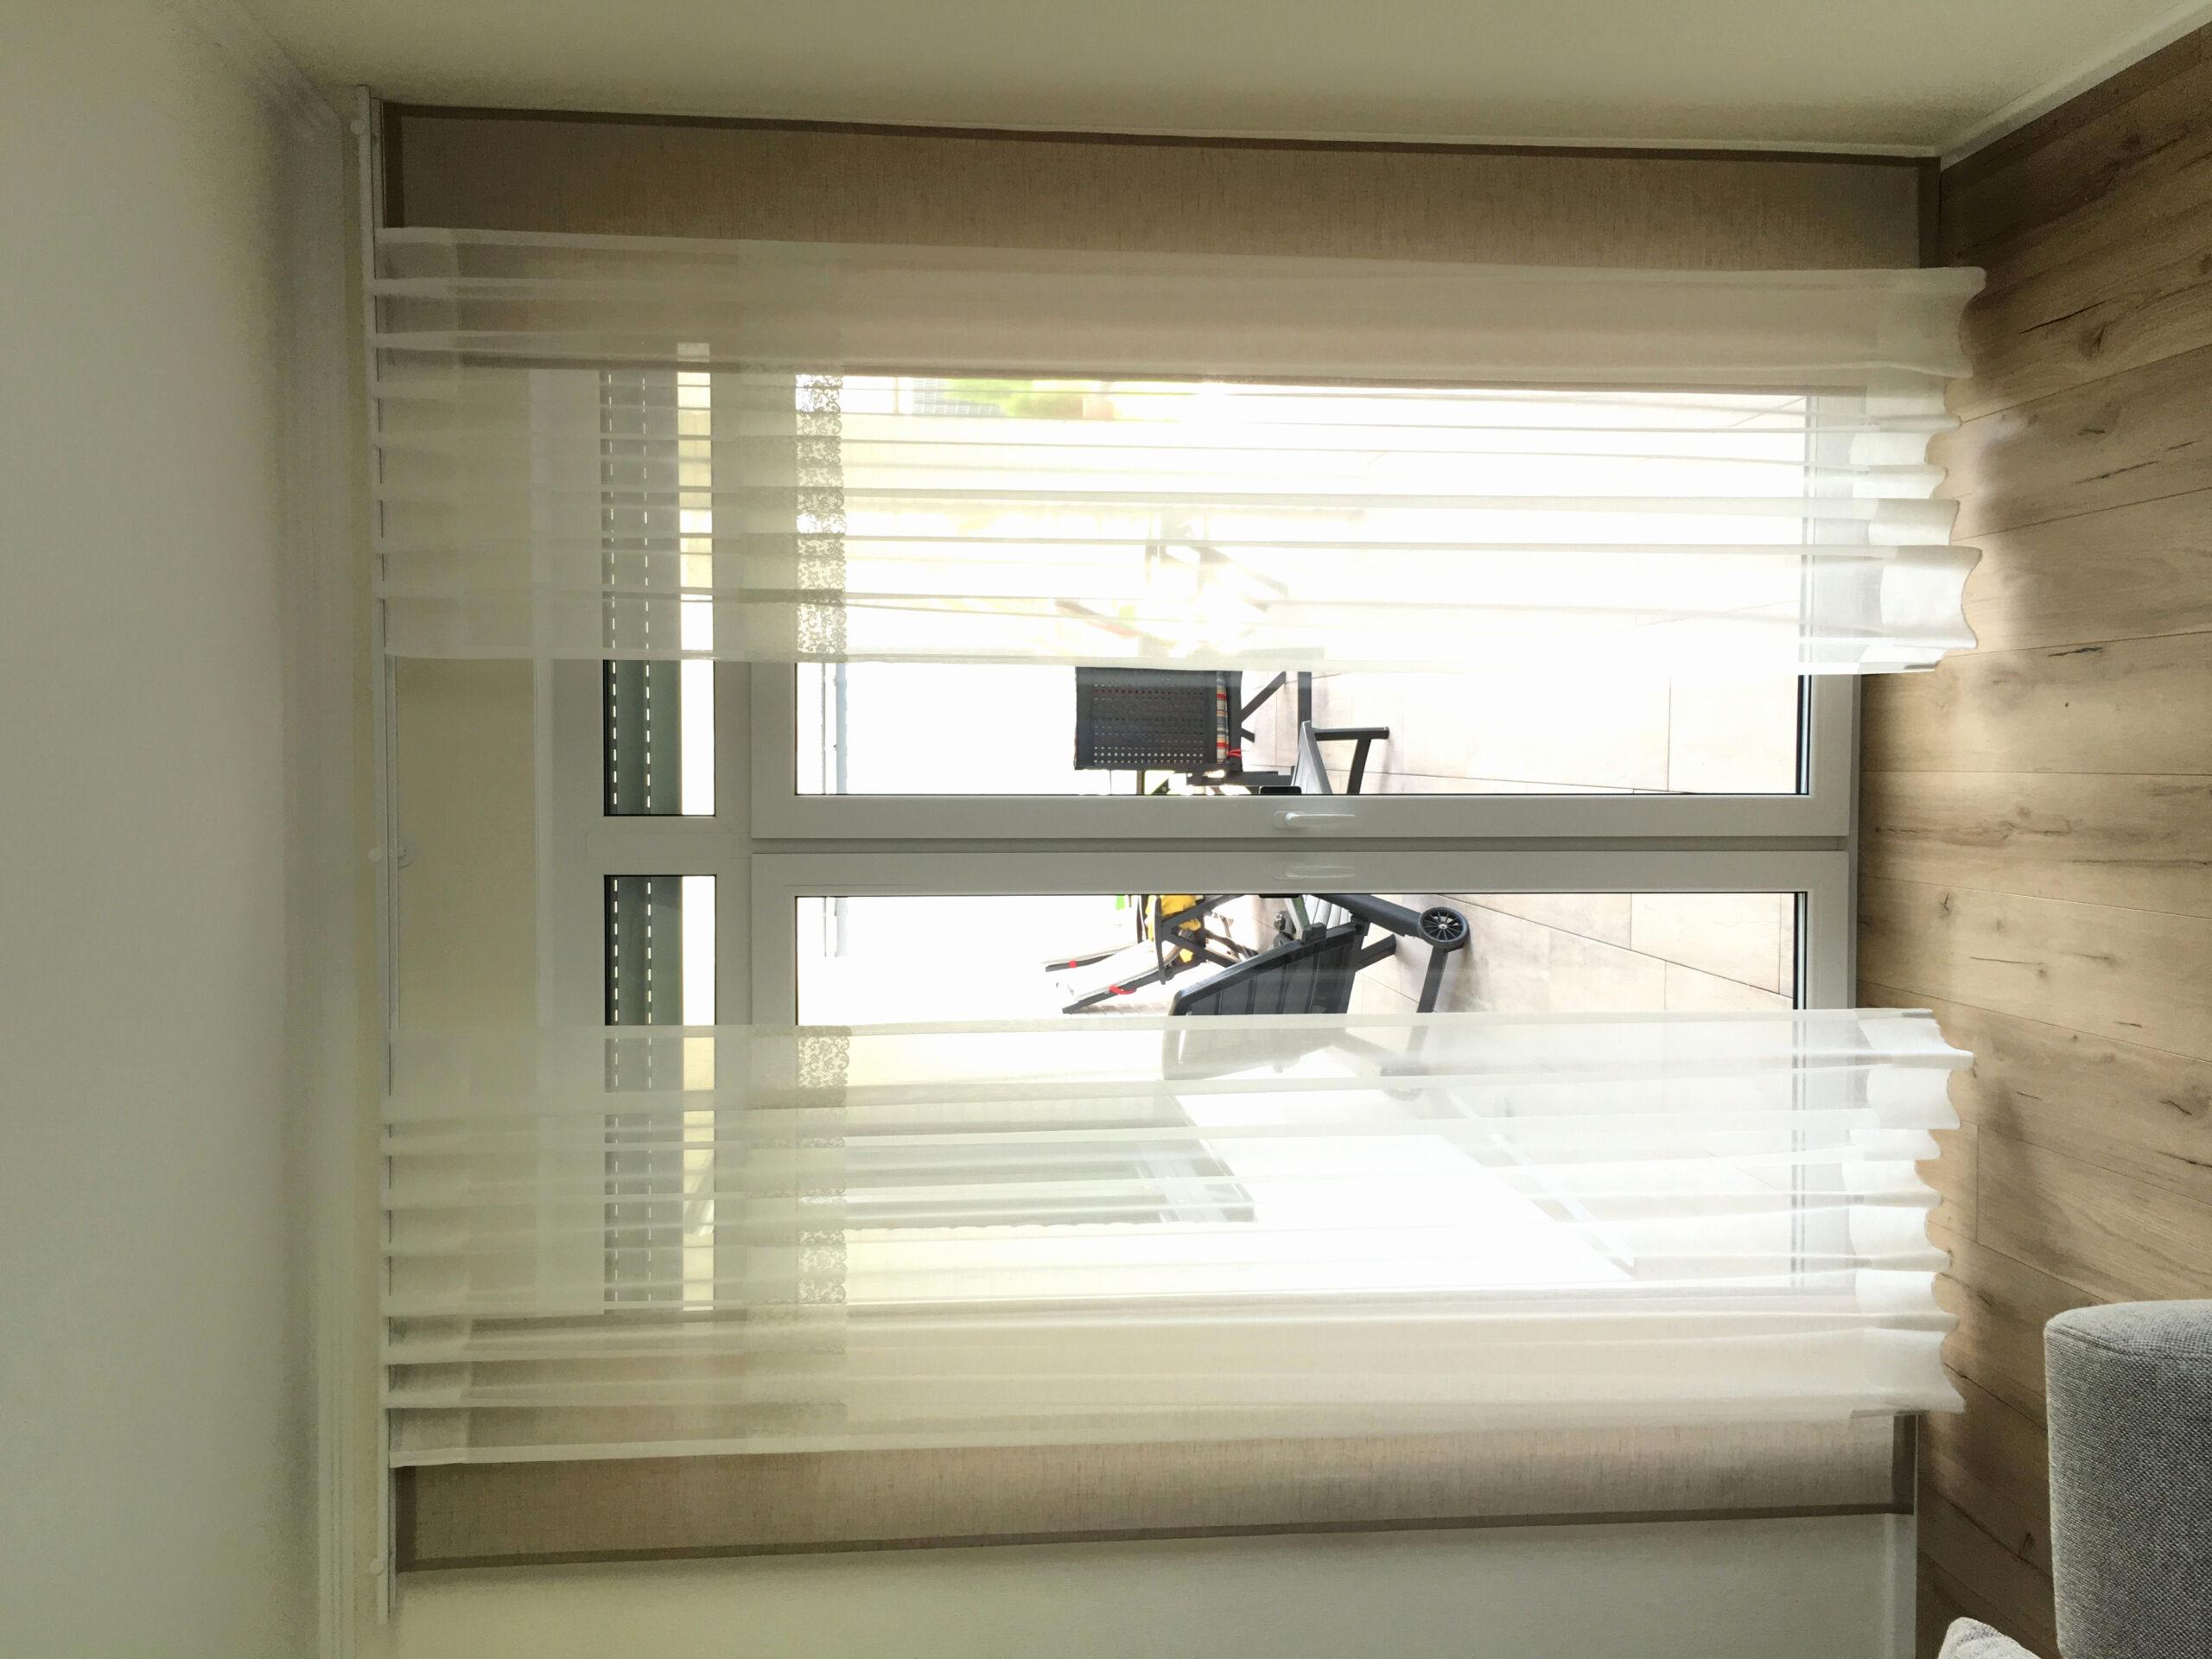 Full Size of Ideen Gardinen Fur Grosse Fenster Scheibengardinen Küche Für Schlafzimmer Bad Renovieren Die Wohnzimmer Tapeten Wohnzimmer Ideen Gardinen